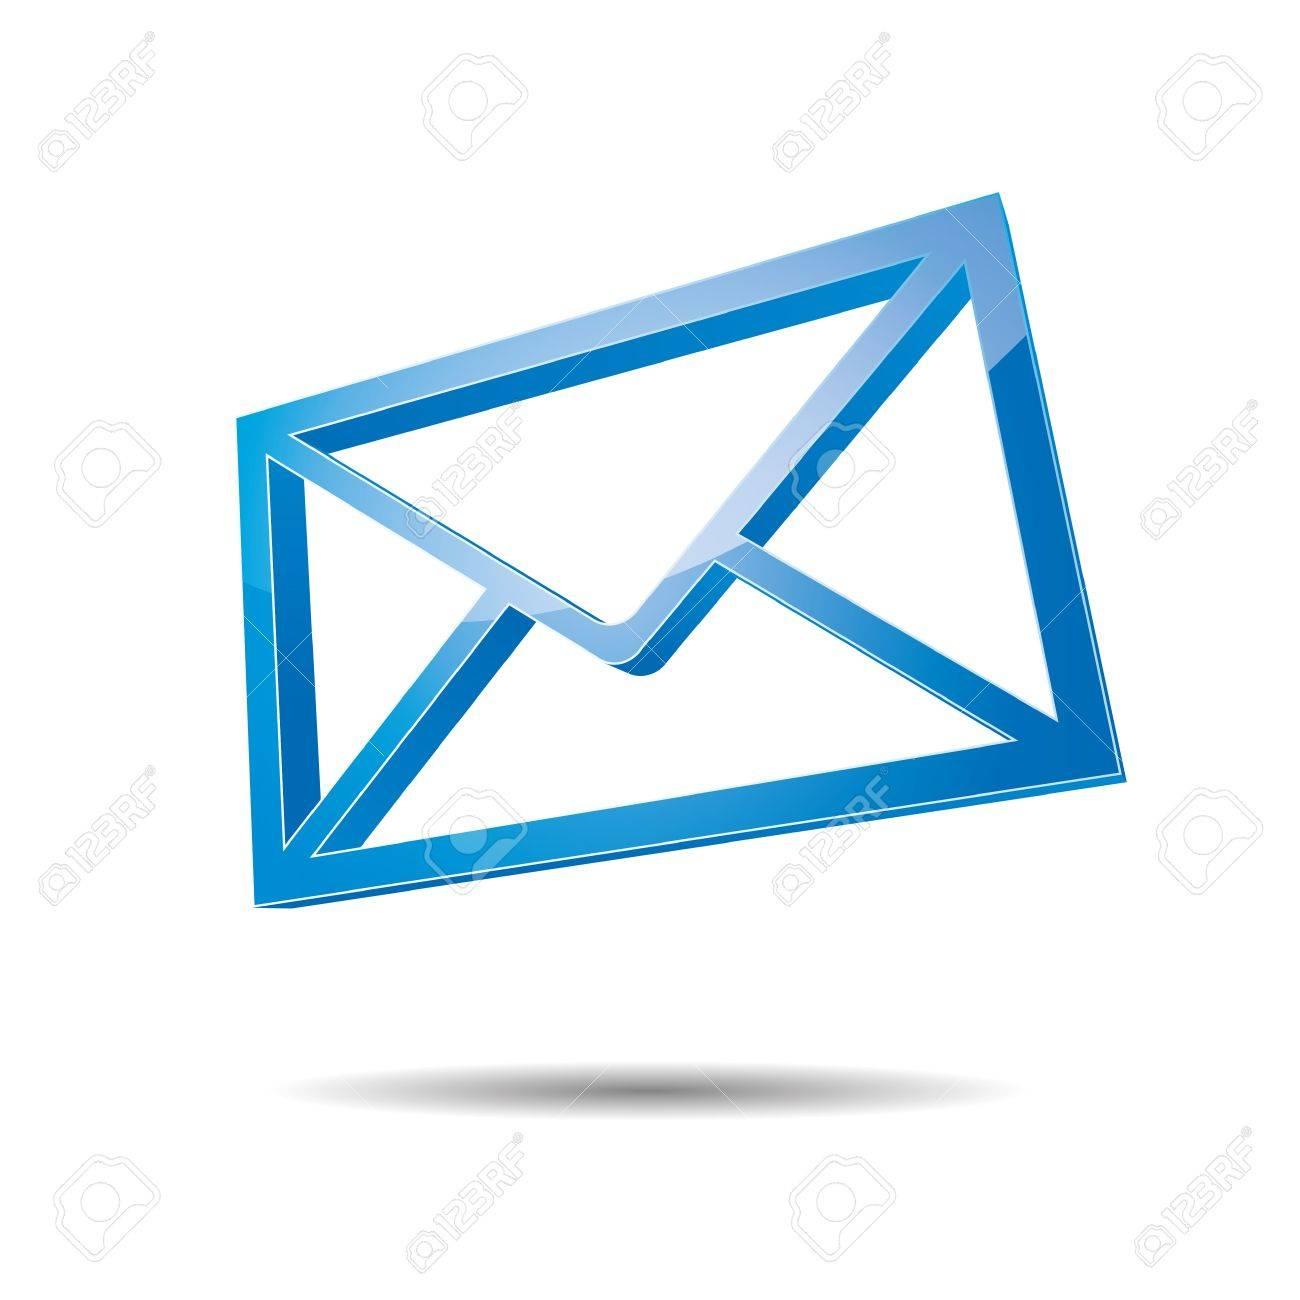 Groß E Mail Senden Lebenslauf Bilder - Beispielzusammenfassung Ideen ...